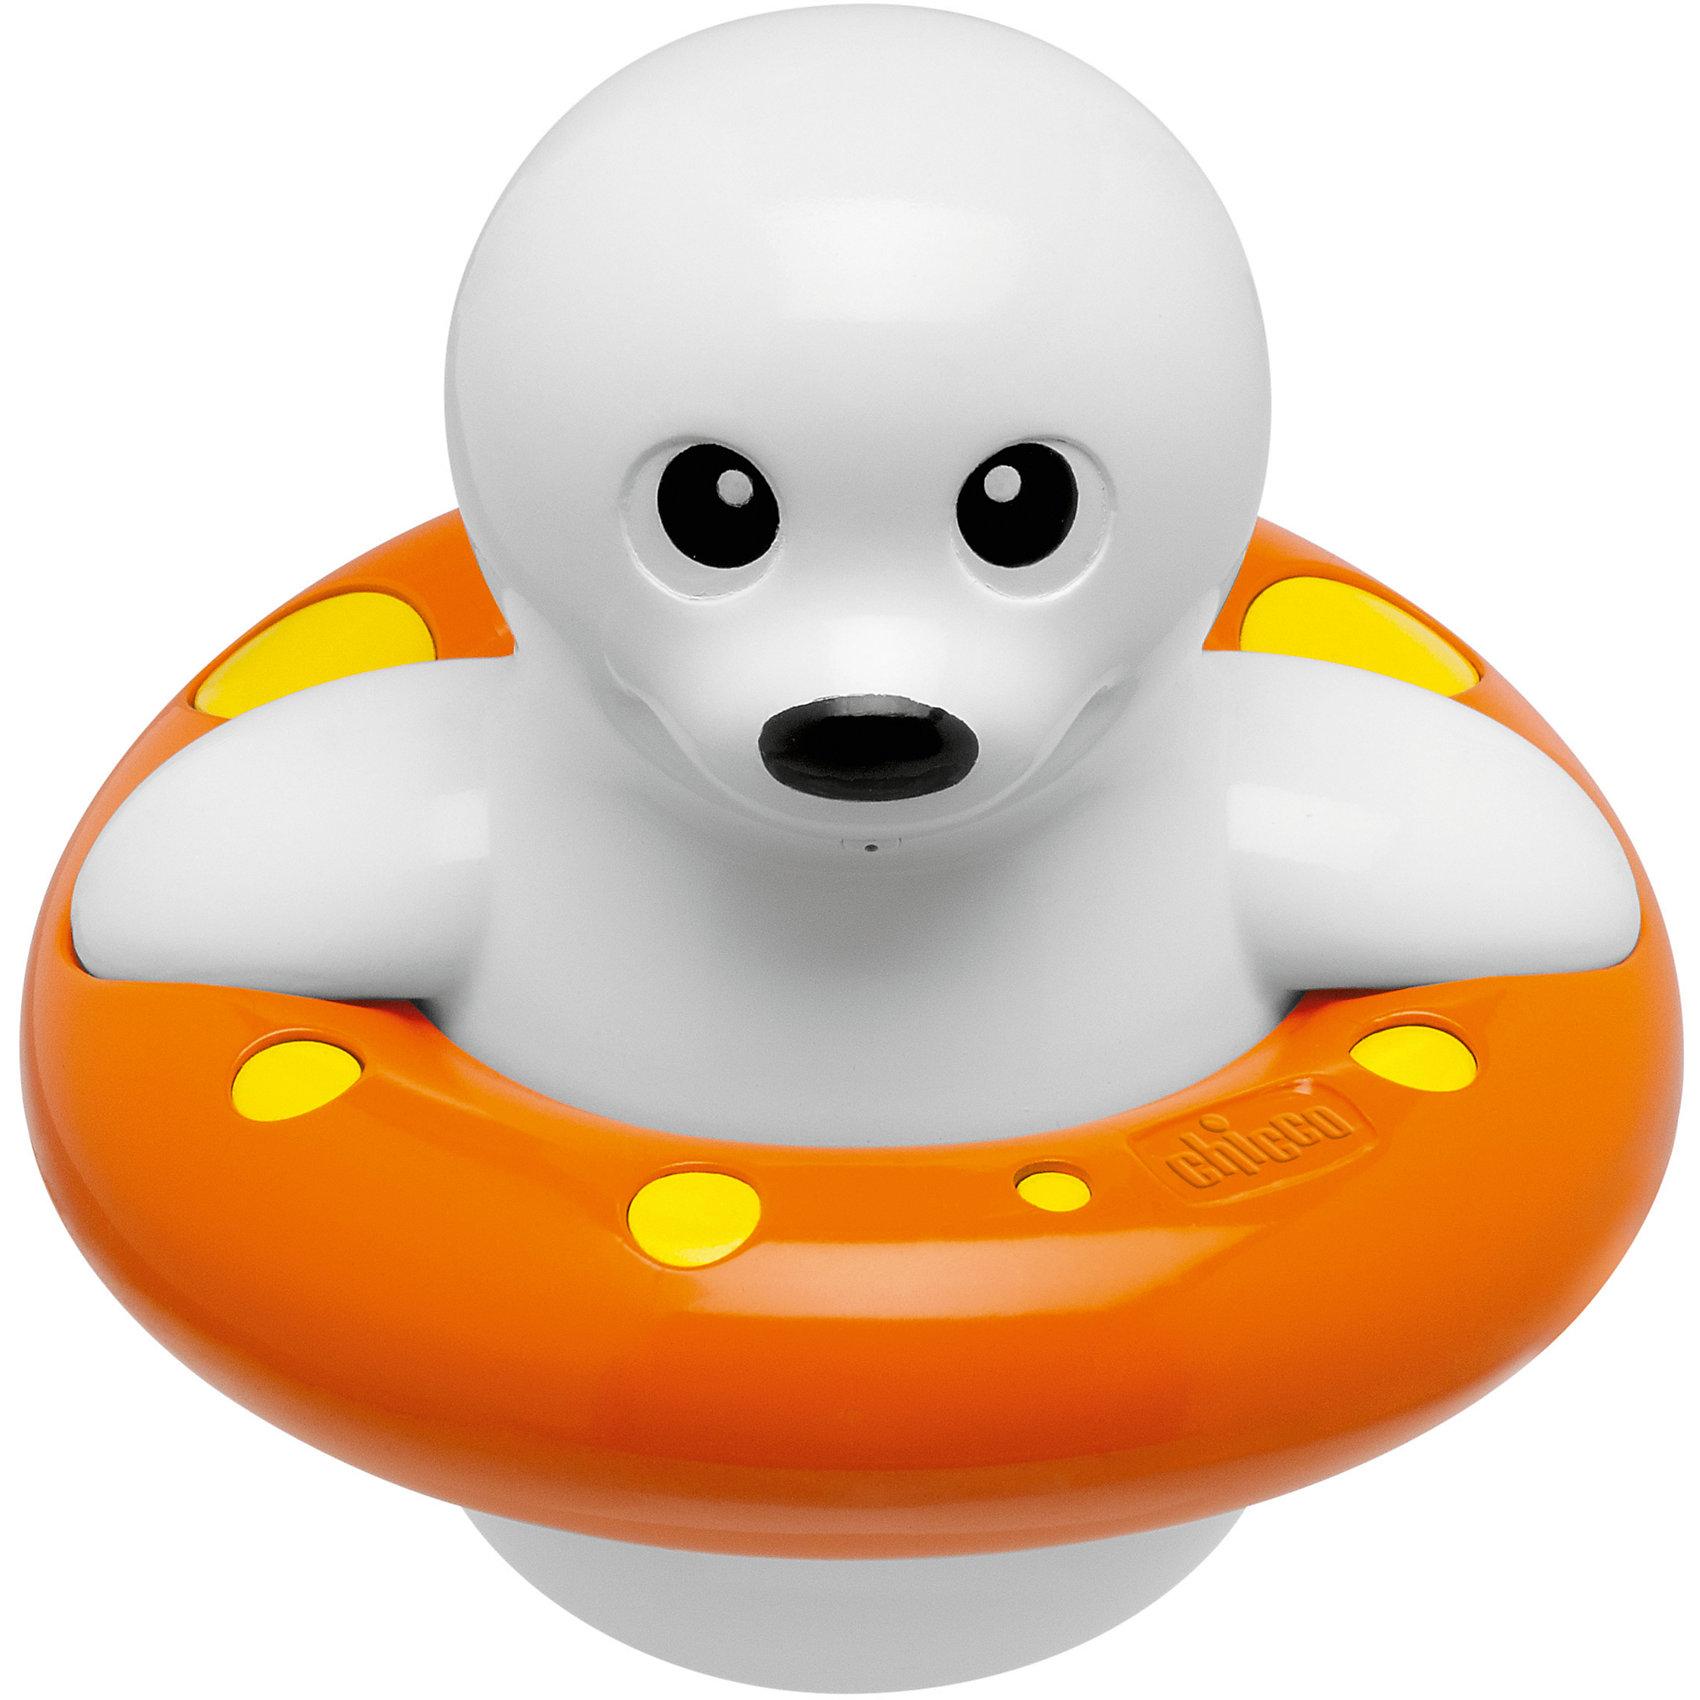 Игрушка для ванны Морской котик, ChiccoИгрушки для ванной<br>Игрушка для ванны Морской котик, Chicco (Чико) понравится вашему ребенку и превратит купание в веселую игру! Игрушка представляет собой забавного морского котика, который умеет сам плавать в воде, для этого нужно повернуть хвостик «пропеллер» на несколько оборотов. Если нажать на кнопку, расположенную на голове котика, то он брызнет тонкой струйкой воды, и это, несомненно, позабавит малыша. <br><br>Дополнительная информация:<br>-Размер игрушки: 14 см<br>-Материалы: пластик<br><br>Забавная игрушка для ванной Морской котик развлечет малыша во время купания и подарит ему массу положительных эмоций, превратит купание в удовольствие! <br><br>Игрушка для ванны Морской котик, Chicco (Чико) можно купить в нашем магазине.<br><br>Ширина мм: 155<br>Глубина мм: 128<br>Высота мм: 208<br>Вес г: 334<br>Возраст от месяцев: 6<br>Возраст до месяцев: 36<br>Пол: Унисекс<br>Возраст: Детский<br>SKU: 4123469